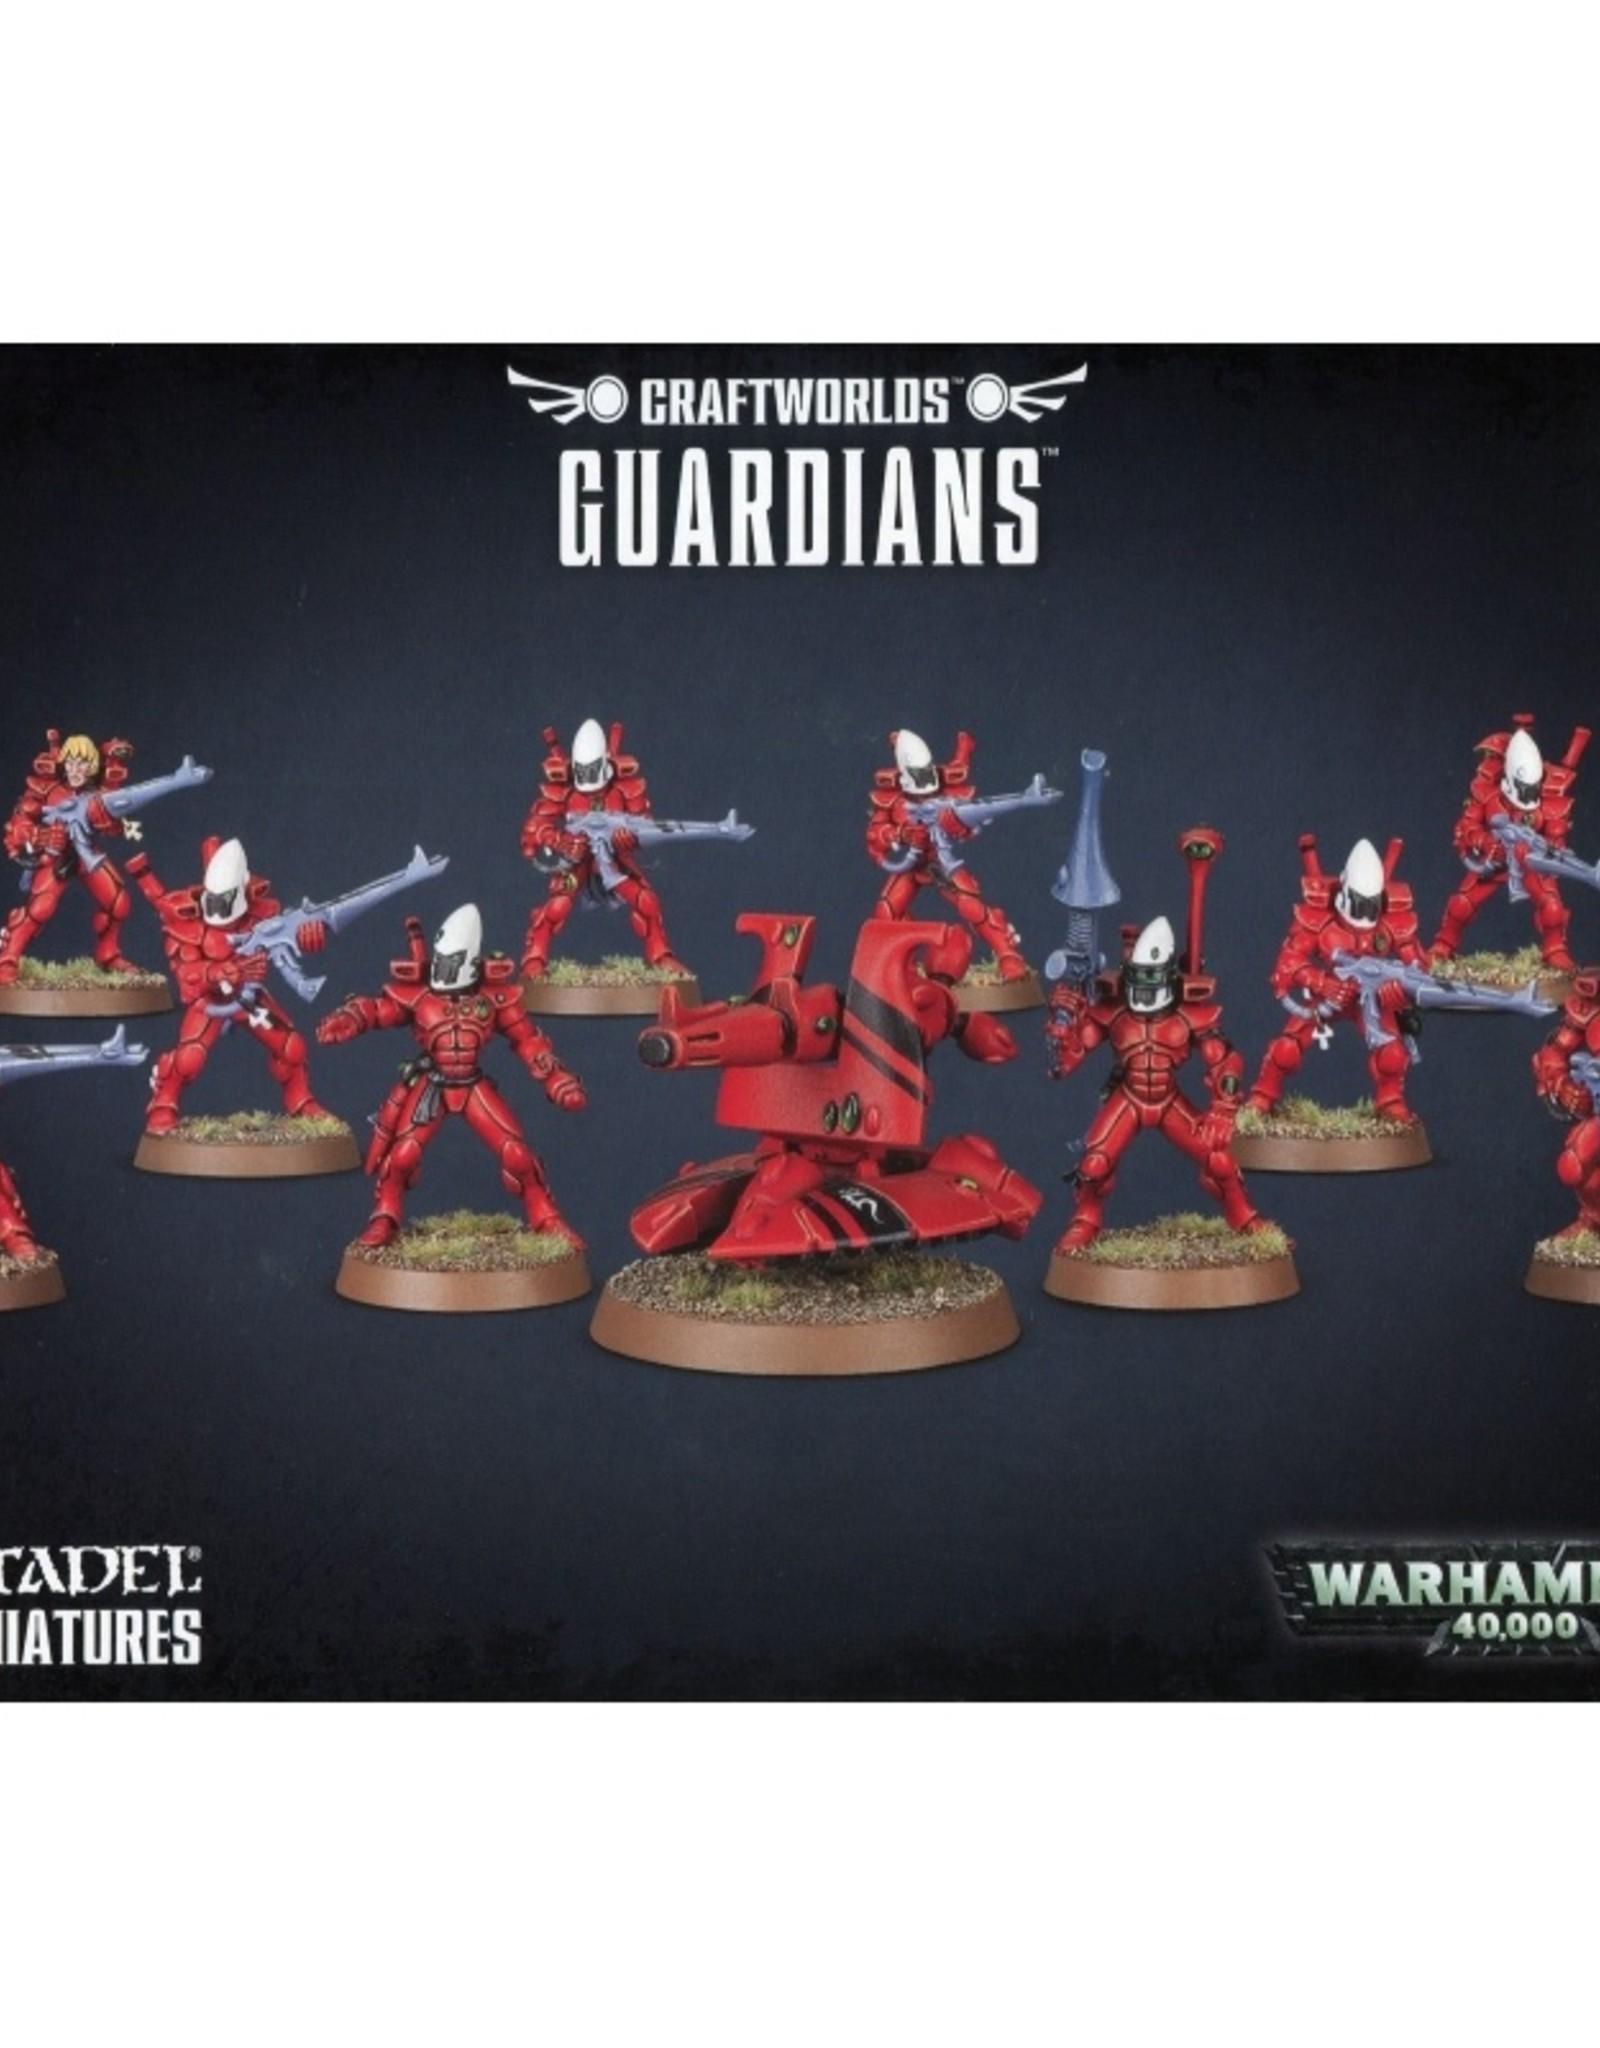 Games Workshop Craftworlds Guardians